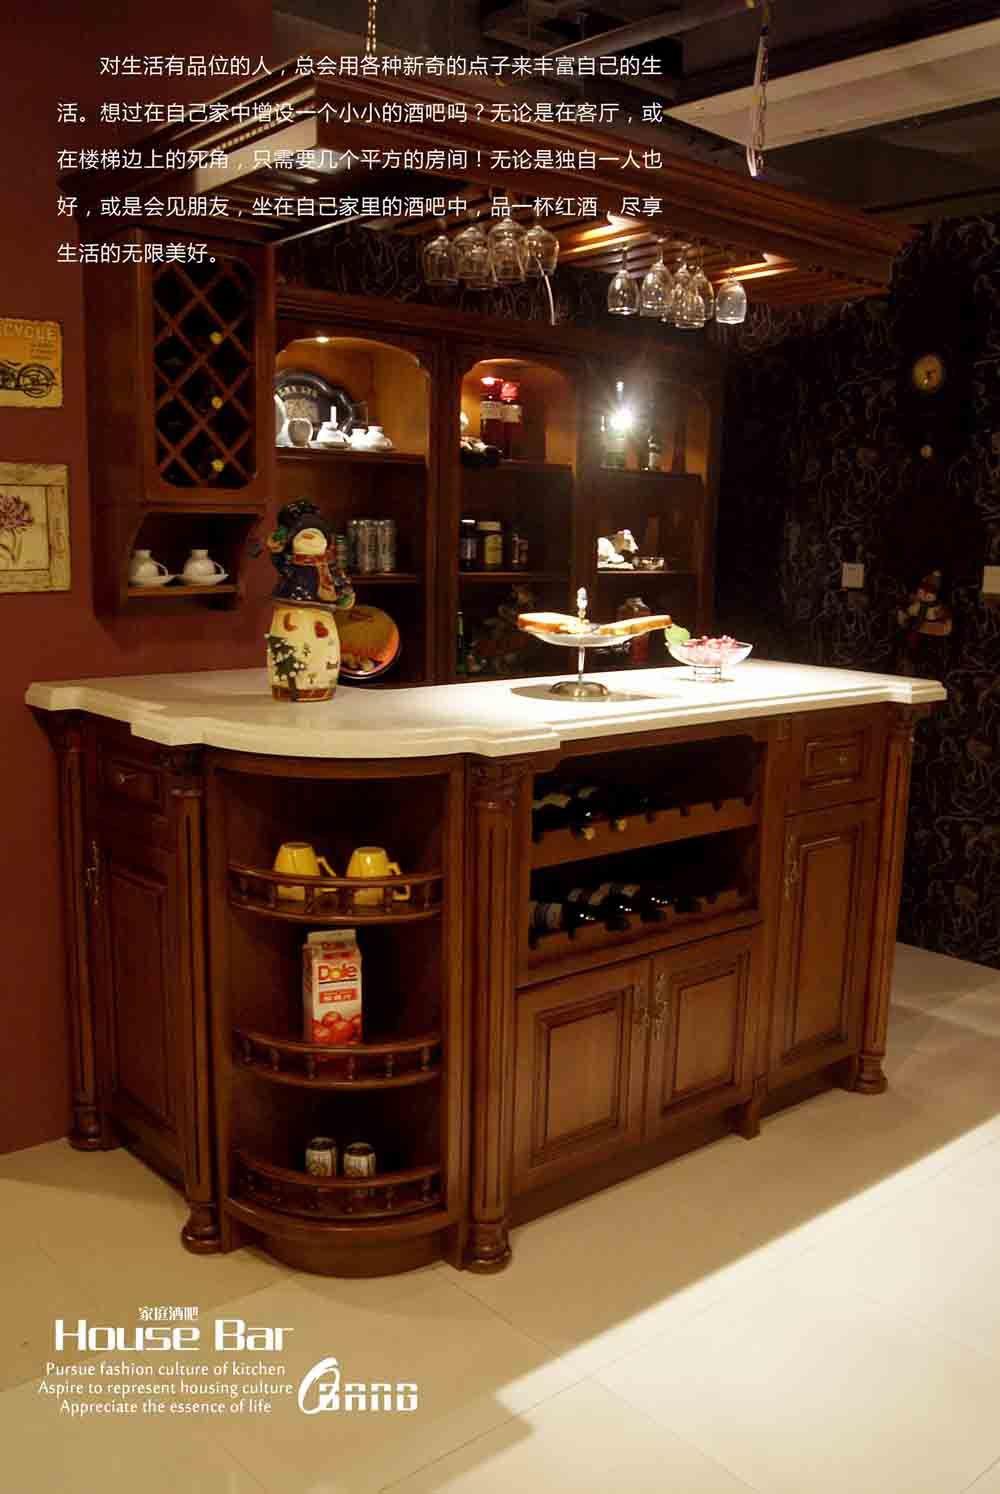 Barra s lida de la casa de madera hb 1 barra s lida de for Modelos de bares para casa en madera